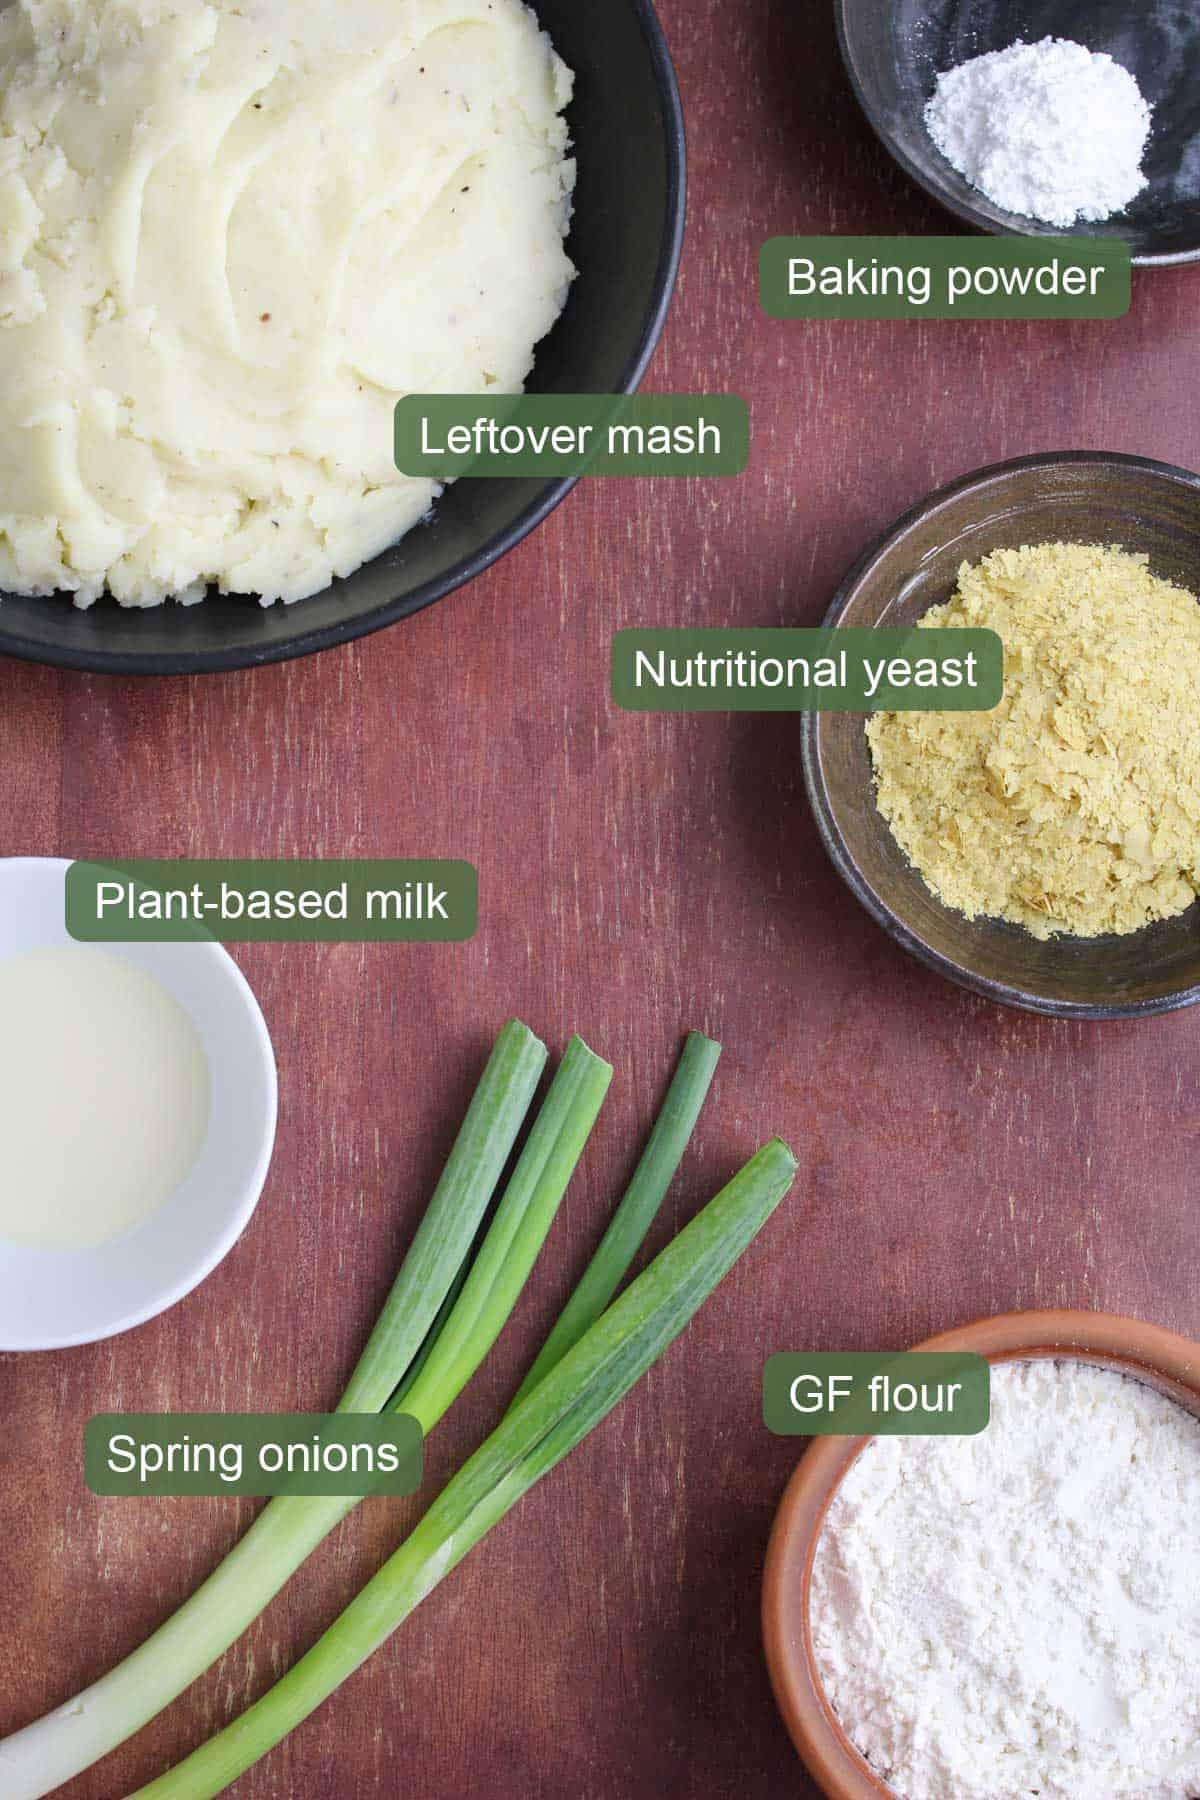 List of Ingredients to Make Vegan Potato Pancakes Gluten-Free